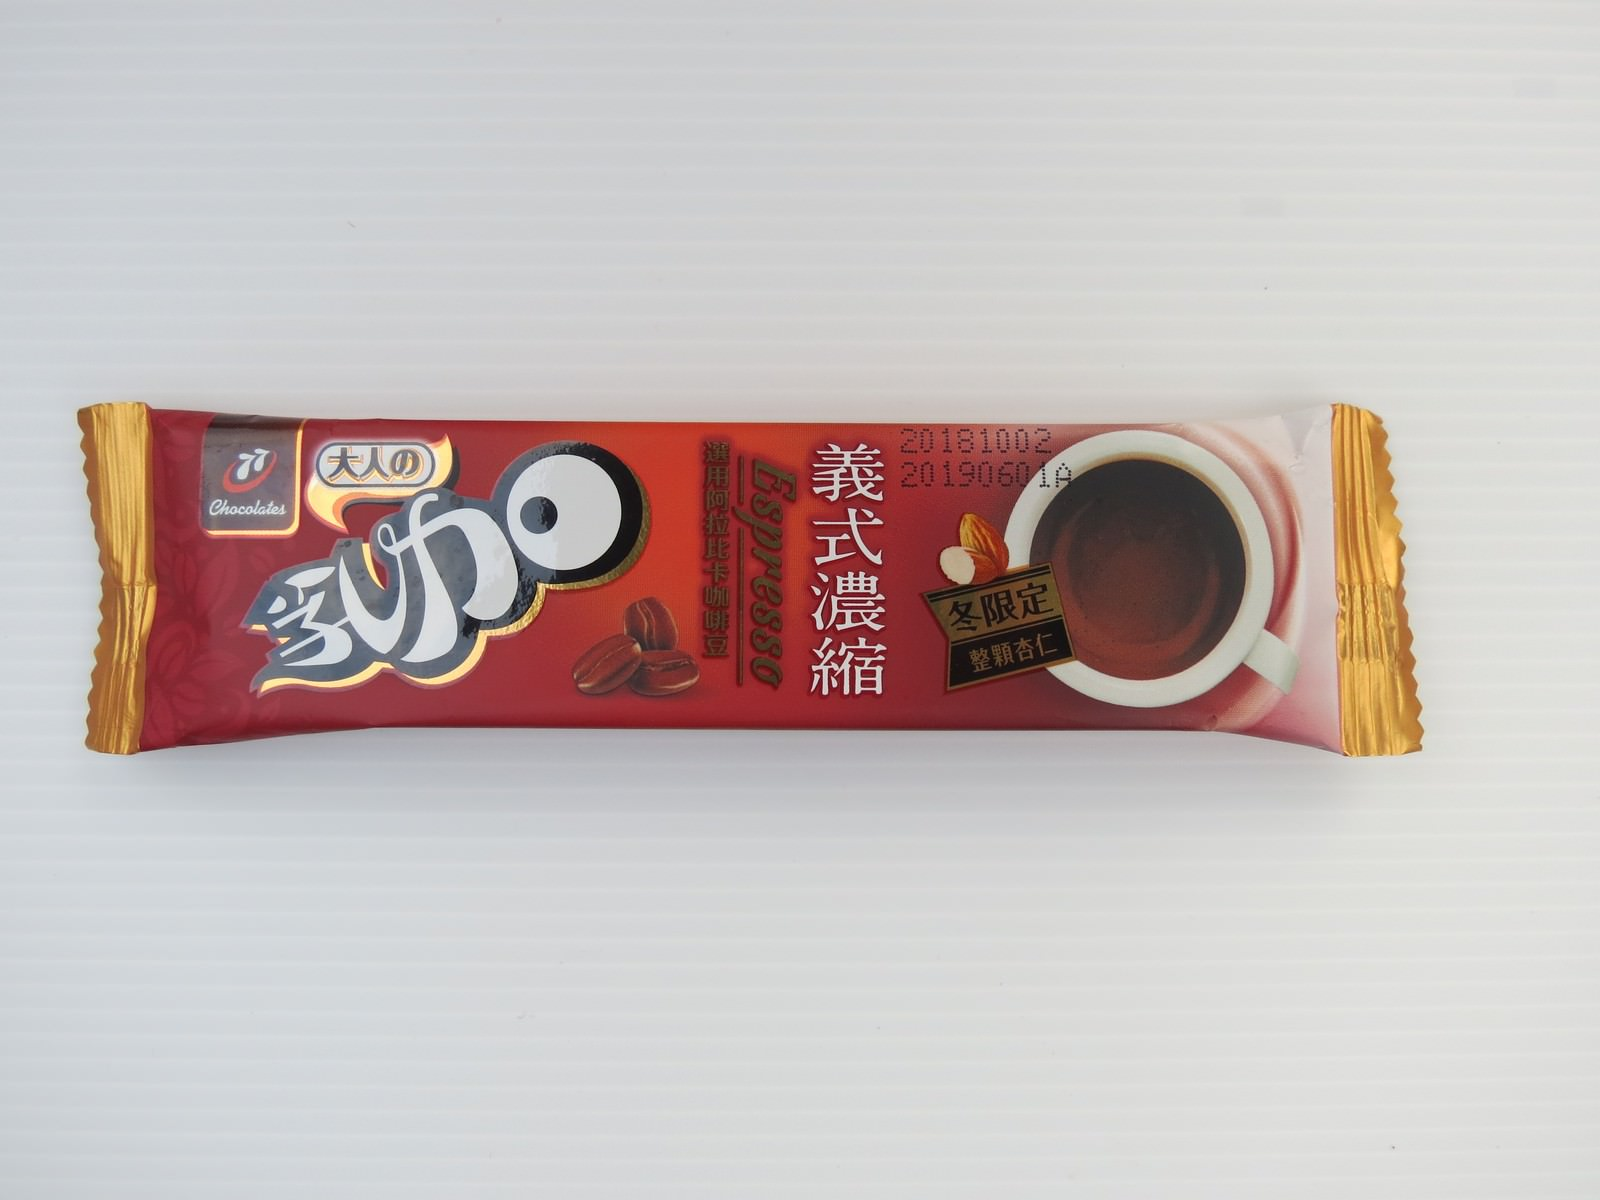 義式濃縮 Espresso 選用阿拉比卡咖啡豆